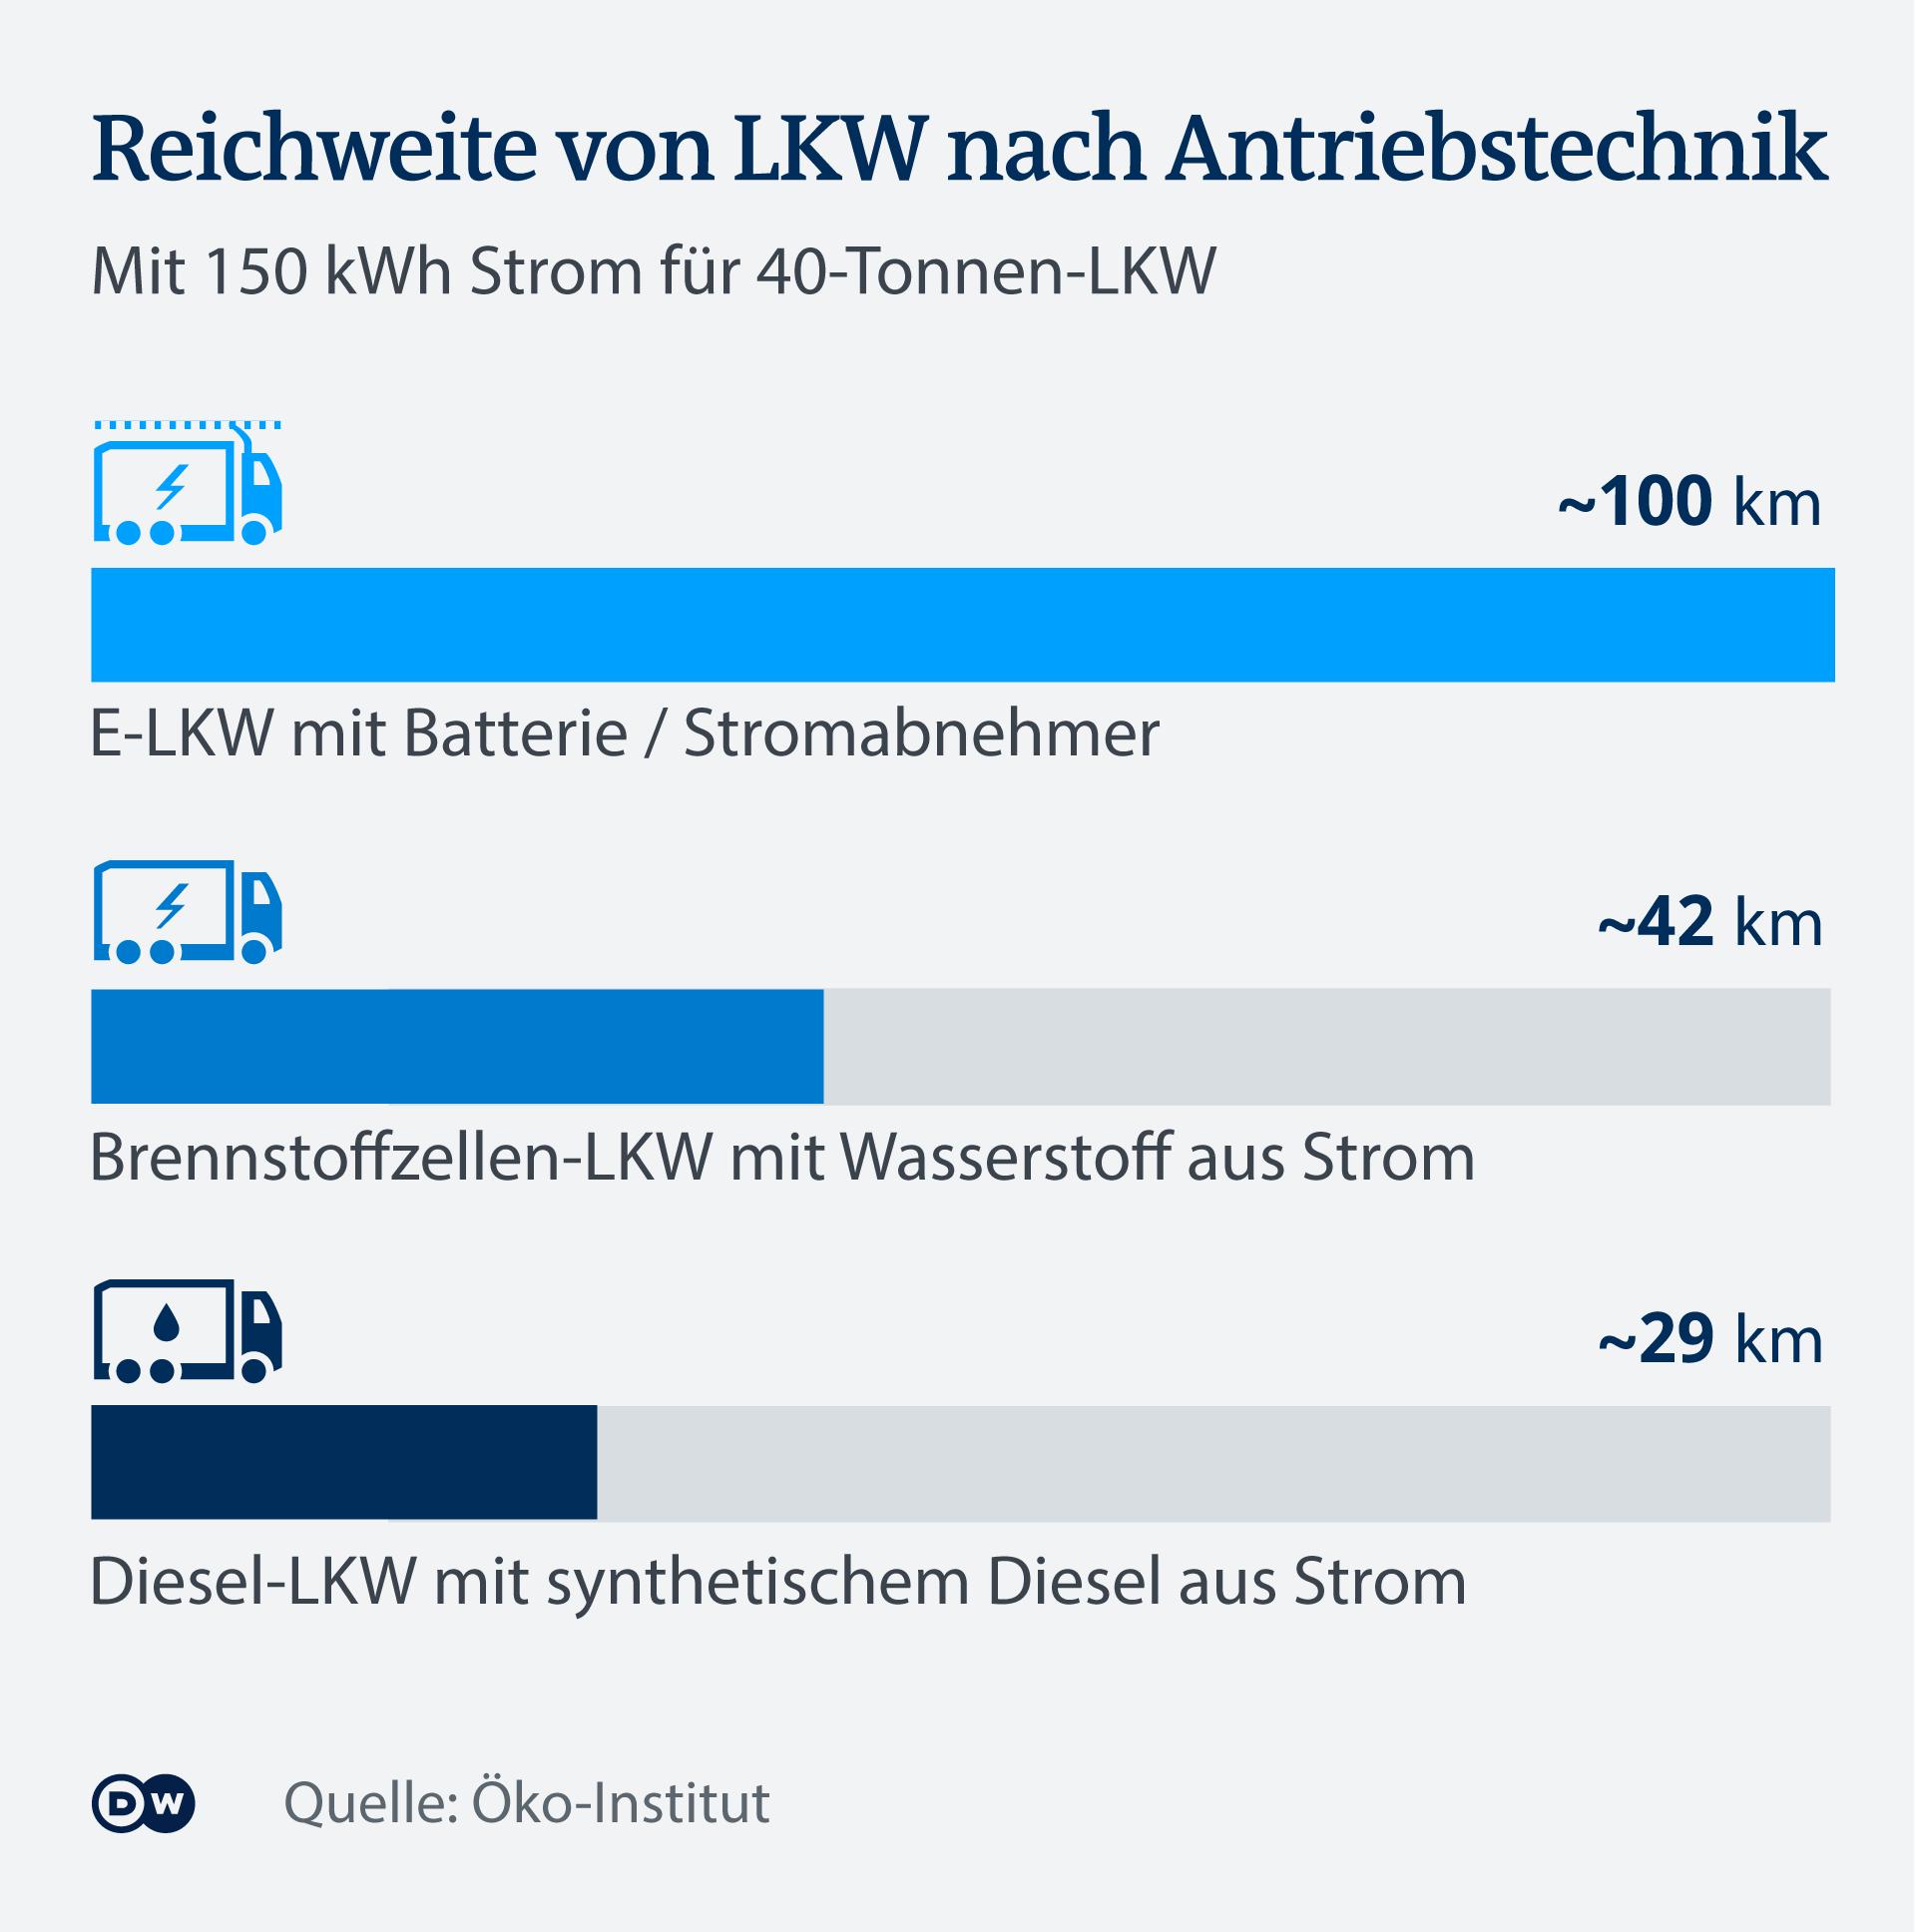 Infografik LKW-Reicheweiten nach Antriebstechnik E-LKW, Brennstoffzellen-LKW, Diesel-LKW mit synthetischem Diesel.